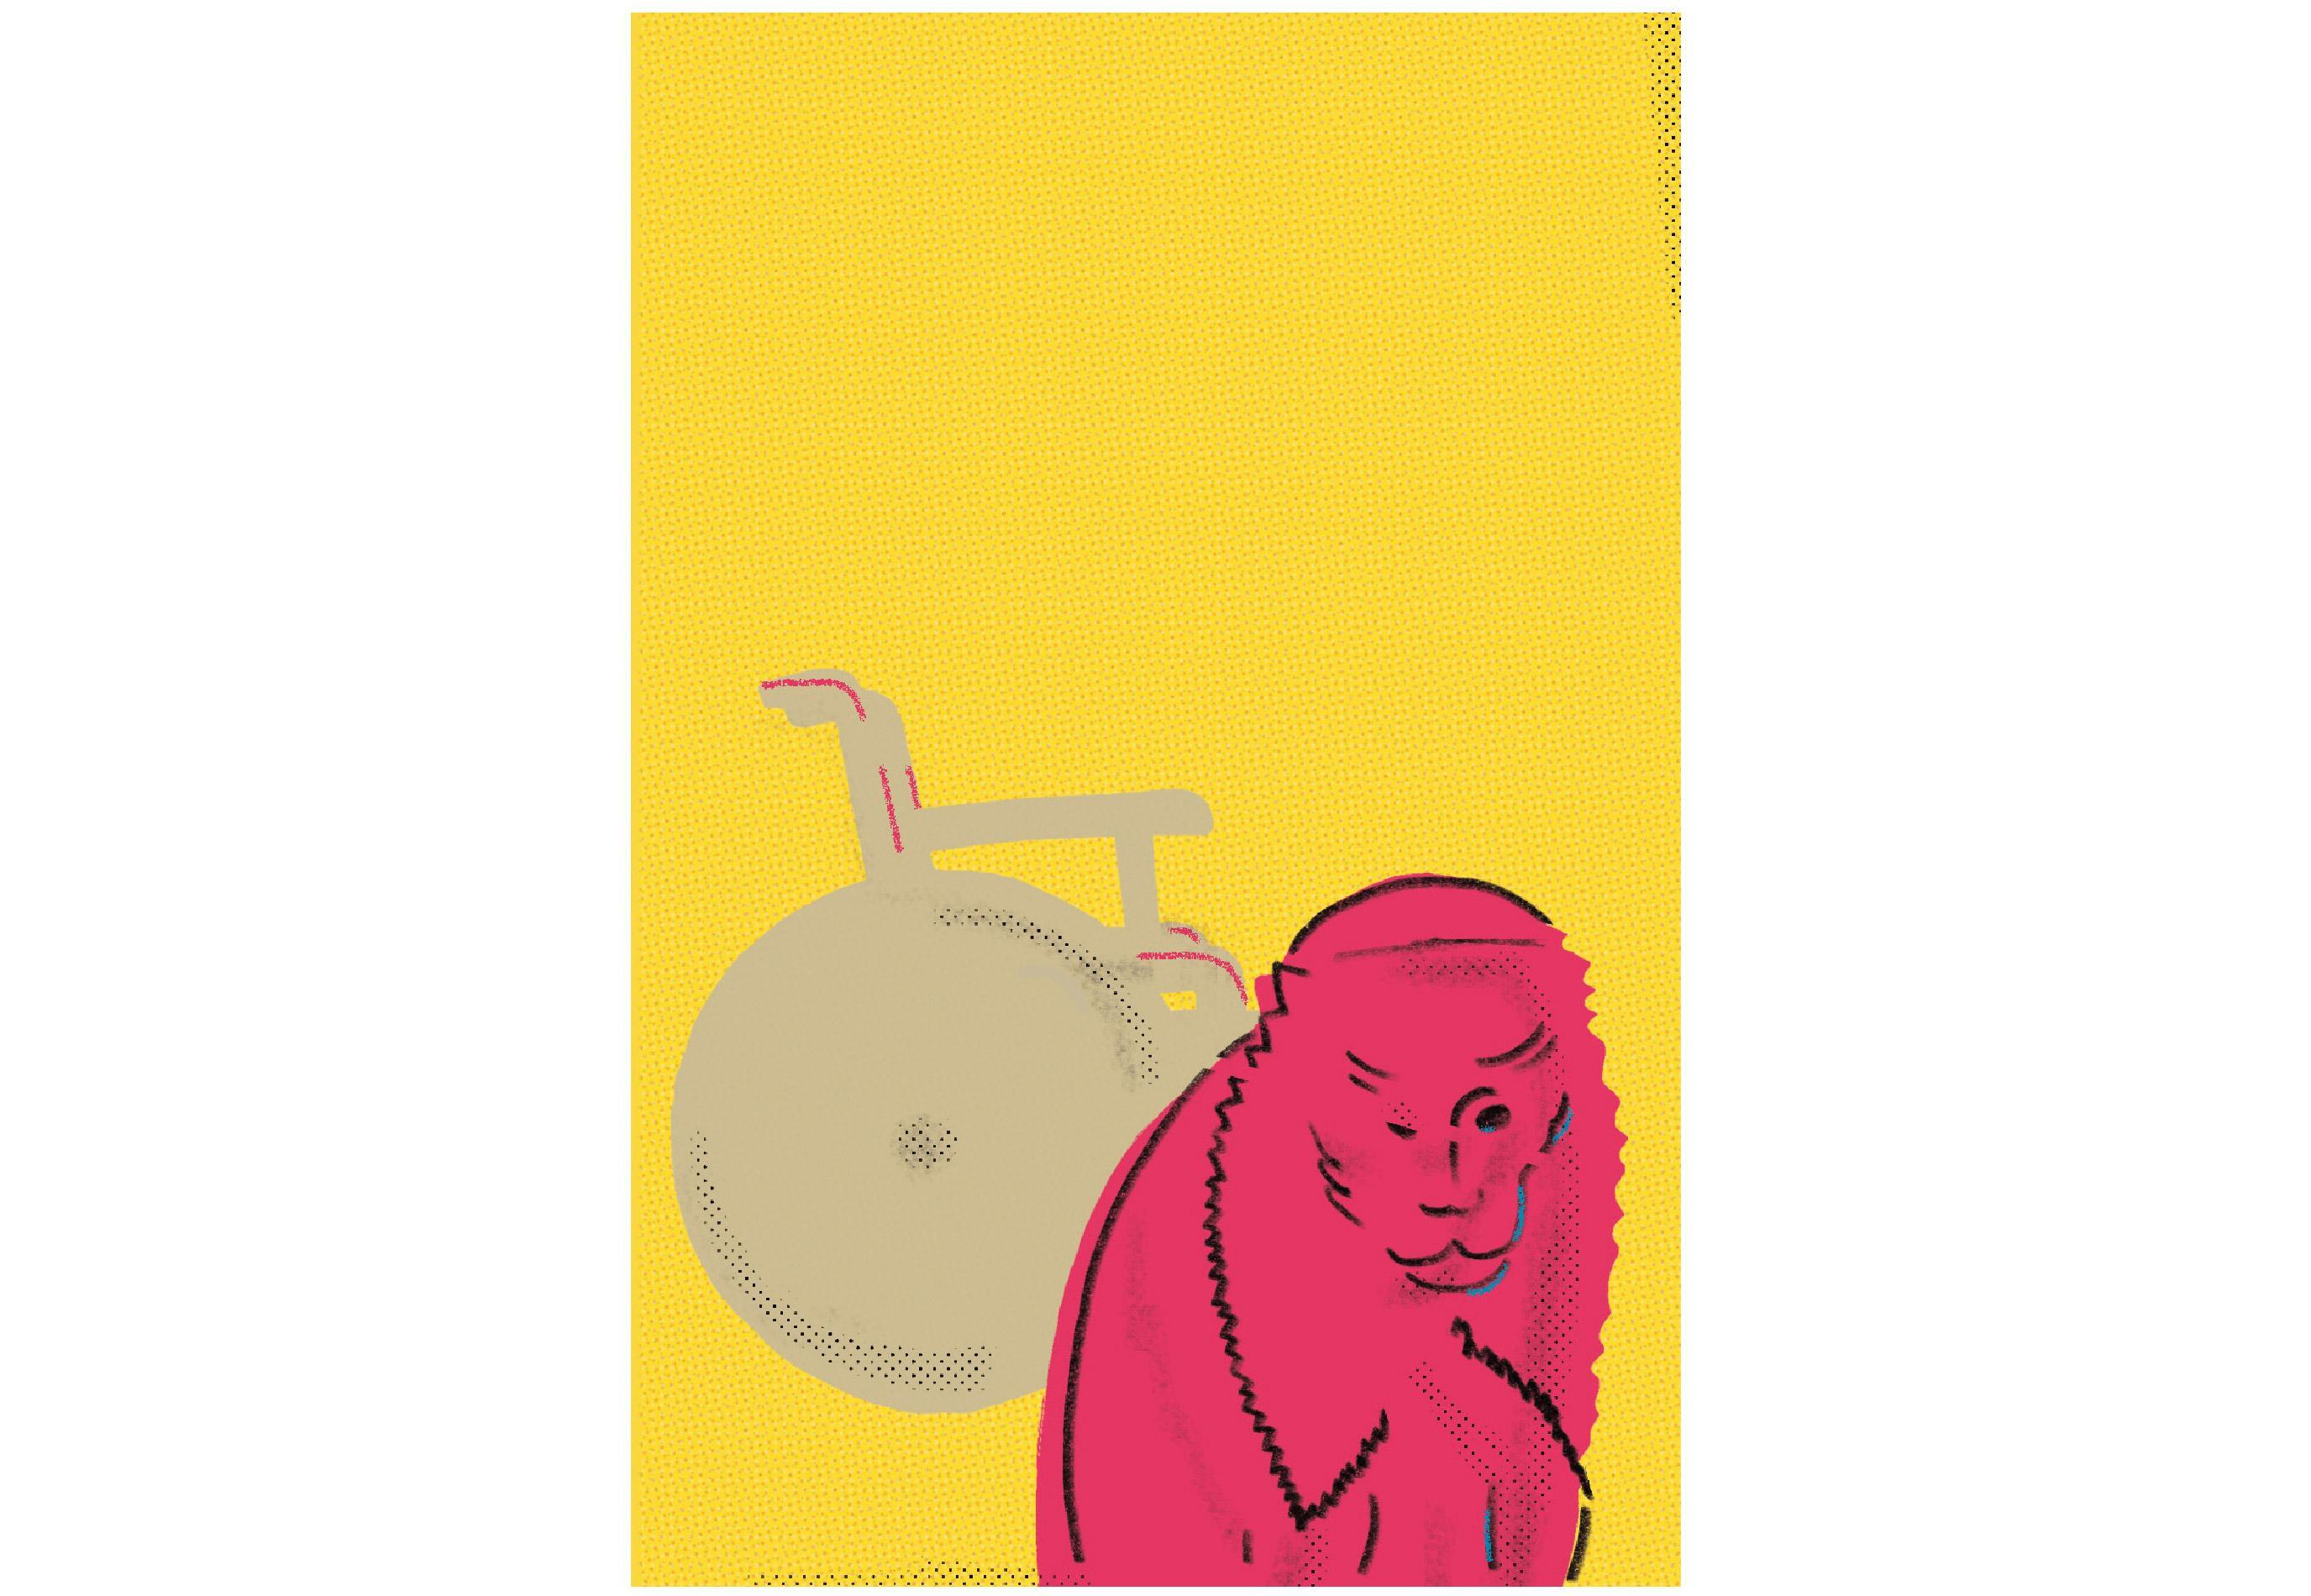 Tiere: Kapuzineraffen knipsen Lichtschalter an, bedienen Telefone oder öffnen Flaschen – für Menschen mit körperlichen Behinderungen. Weil sie intelligent, freundlich und sehr sozial sind, gelten sie als gute Mitbewohner. Tierschützer protestieren: Das Leben in Privathaushalten sei für Affen nicht artgerecht.